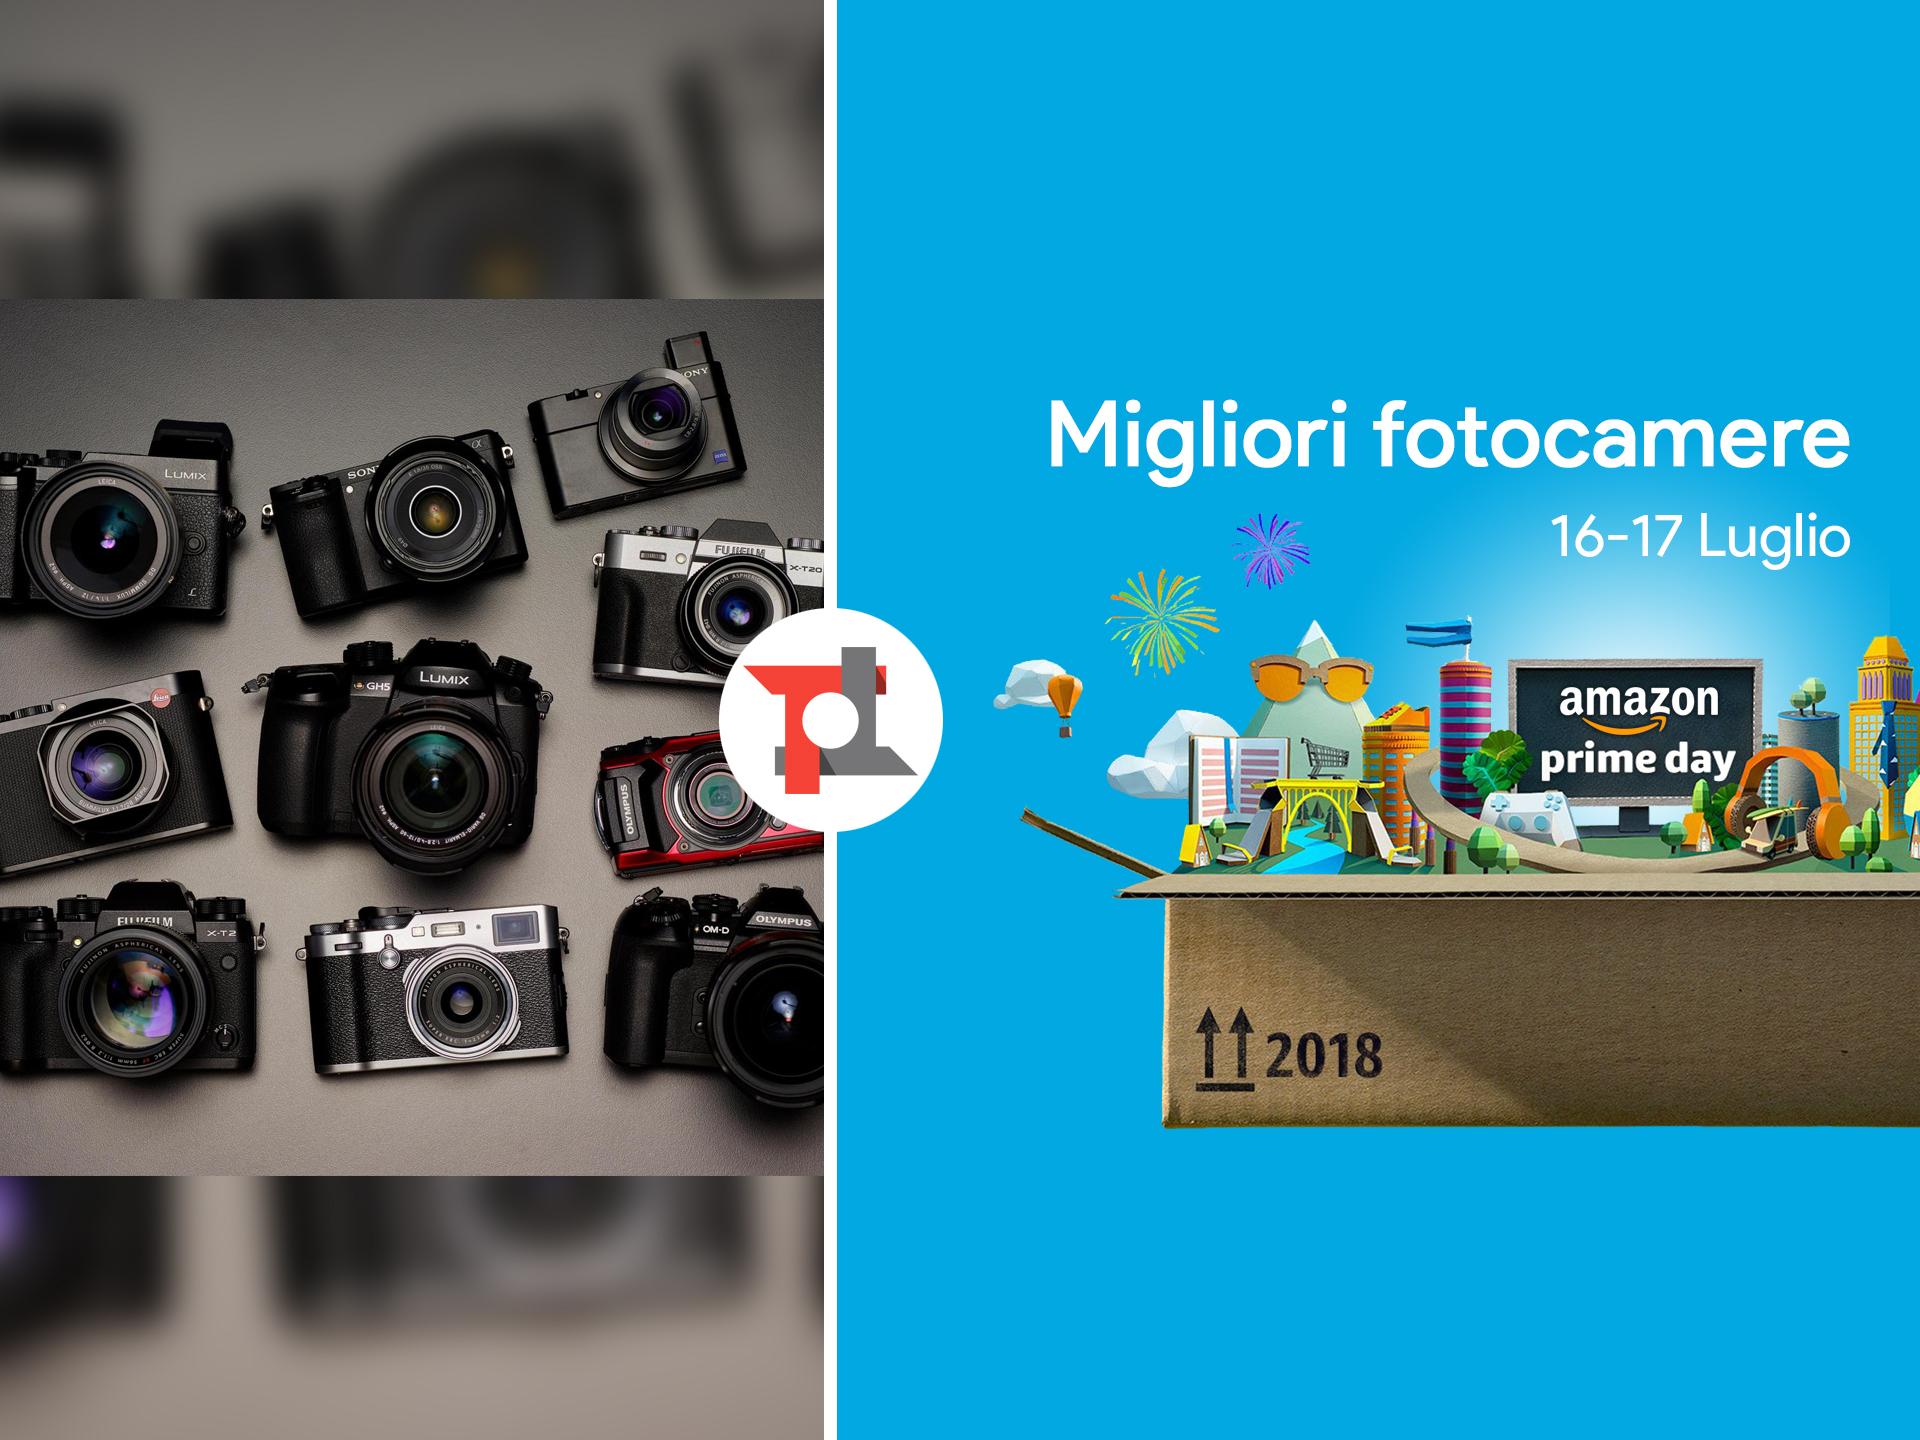 Migliori offerte fotocamere Amazon Prime Day | 17 luglio | TuttoTech.net